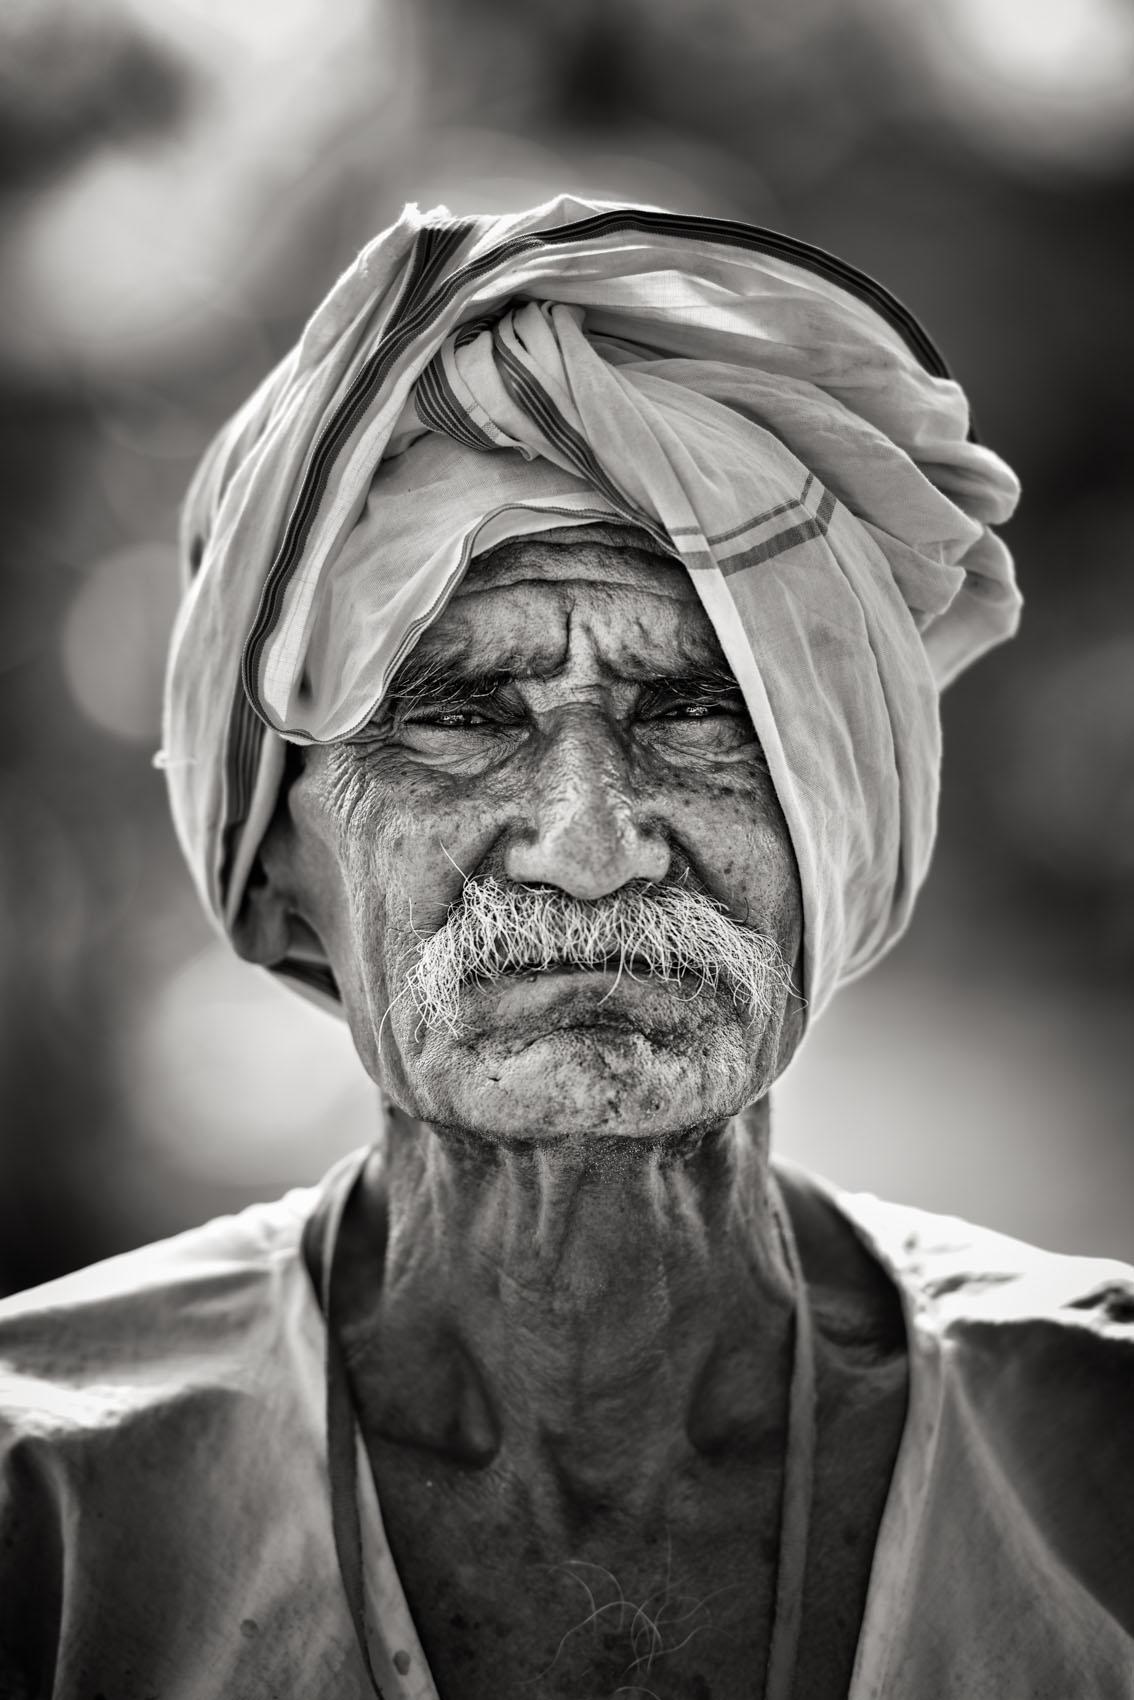 Foto van een man met doek op hoofd